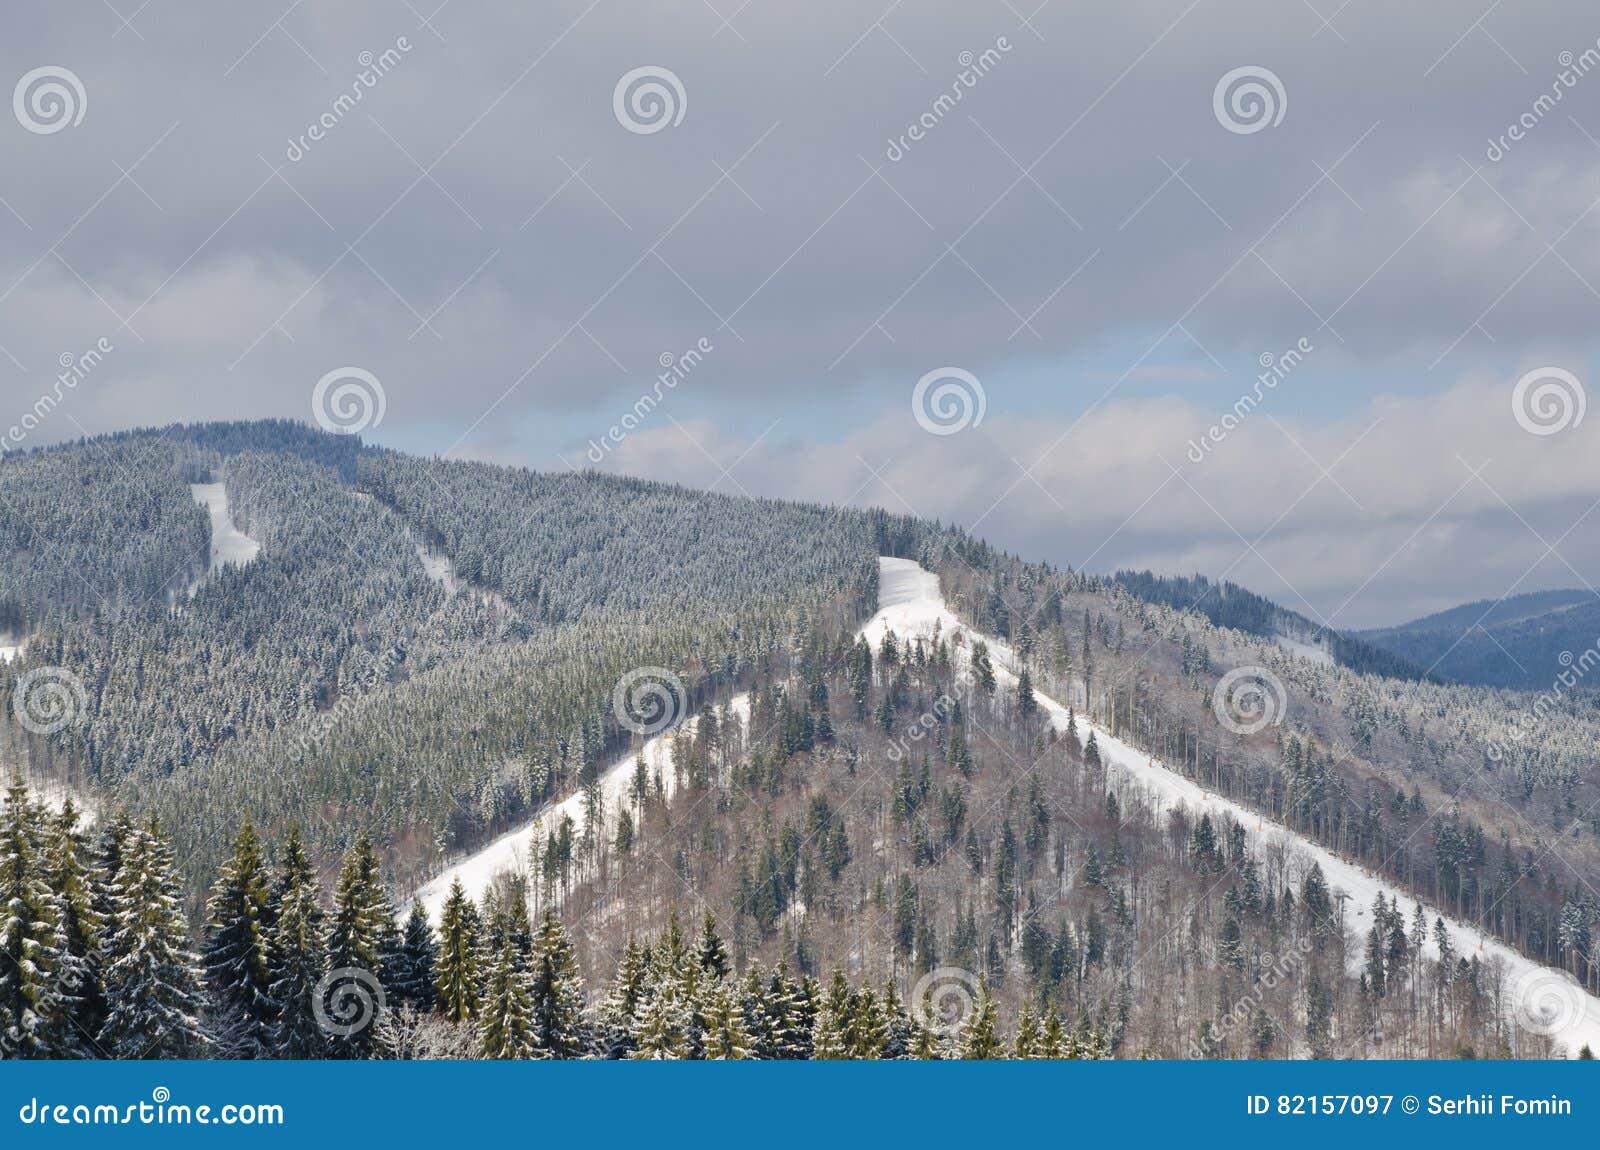 Panorama Van Sneeuwbergen En Bos In Een Skitoevlucht Weer In De